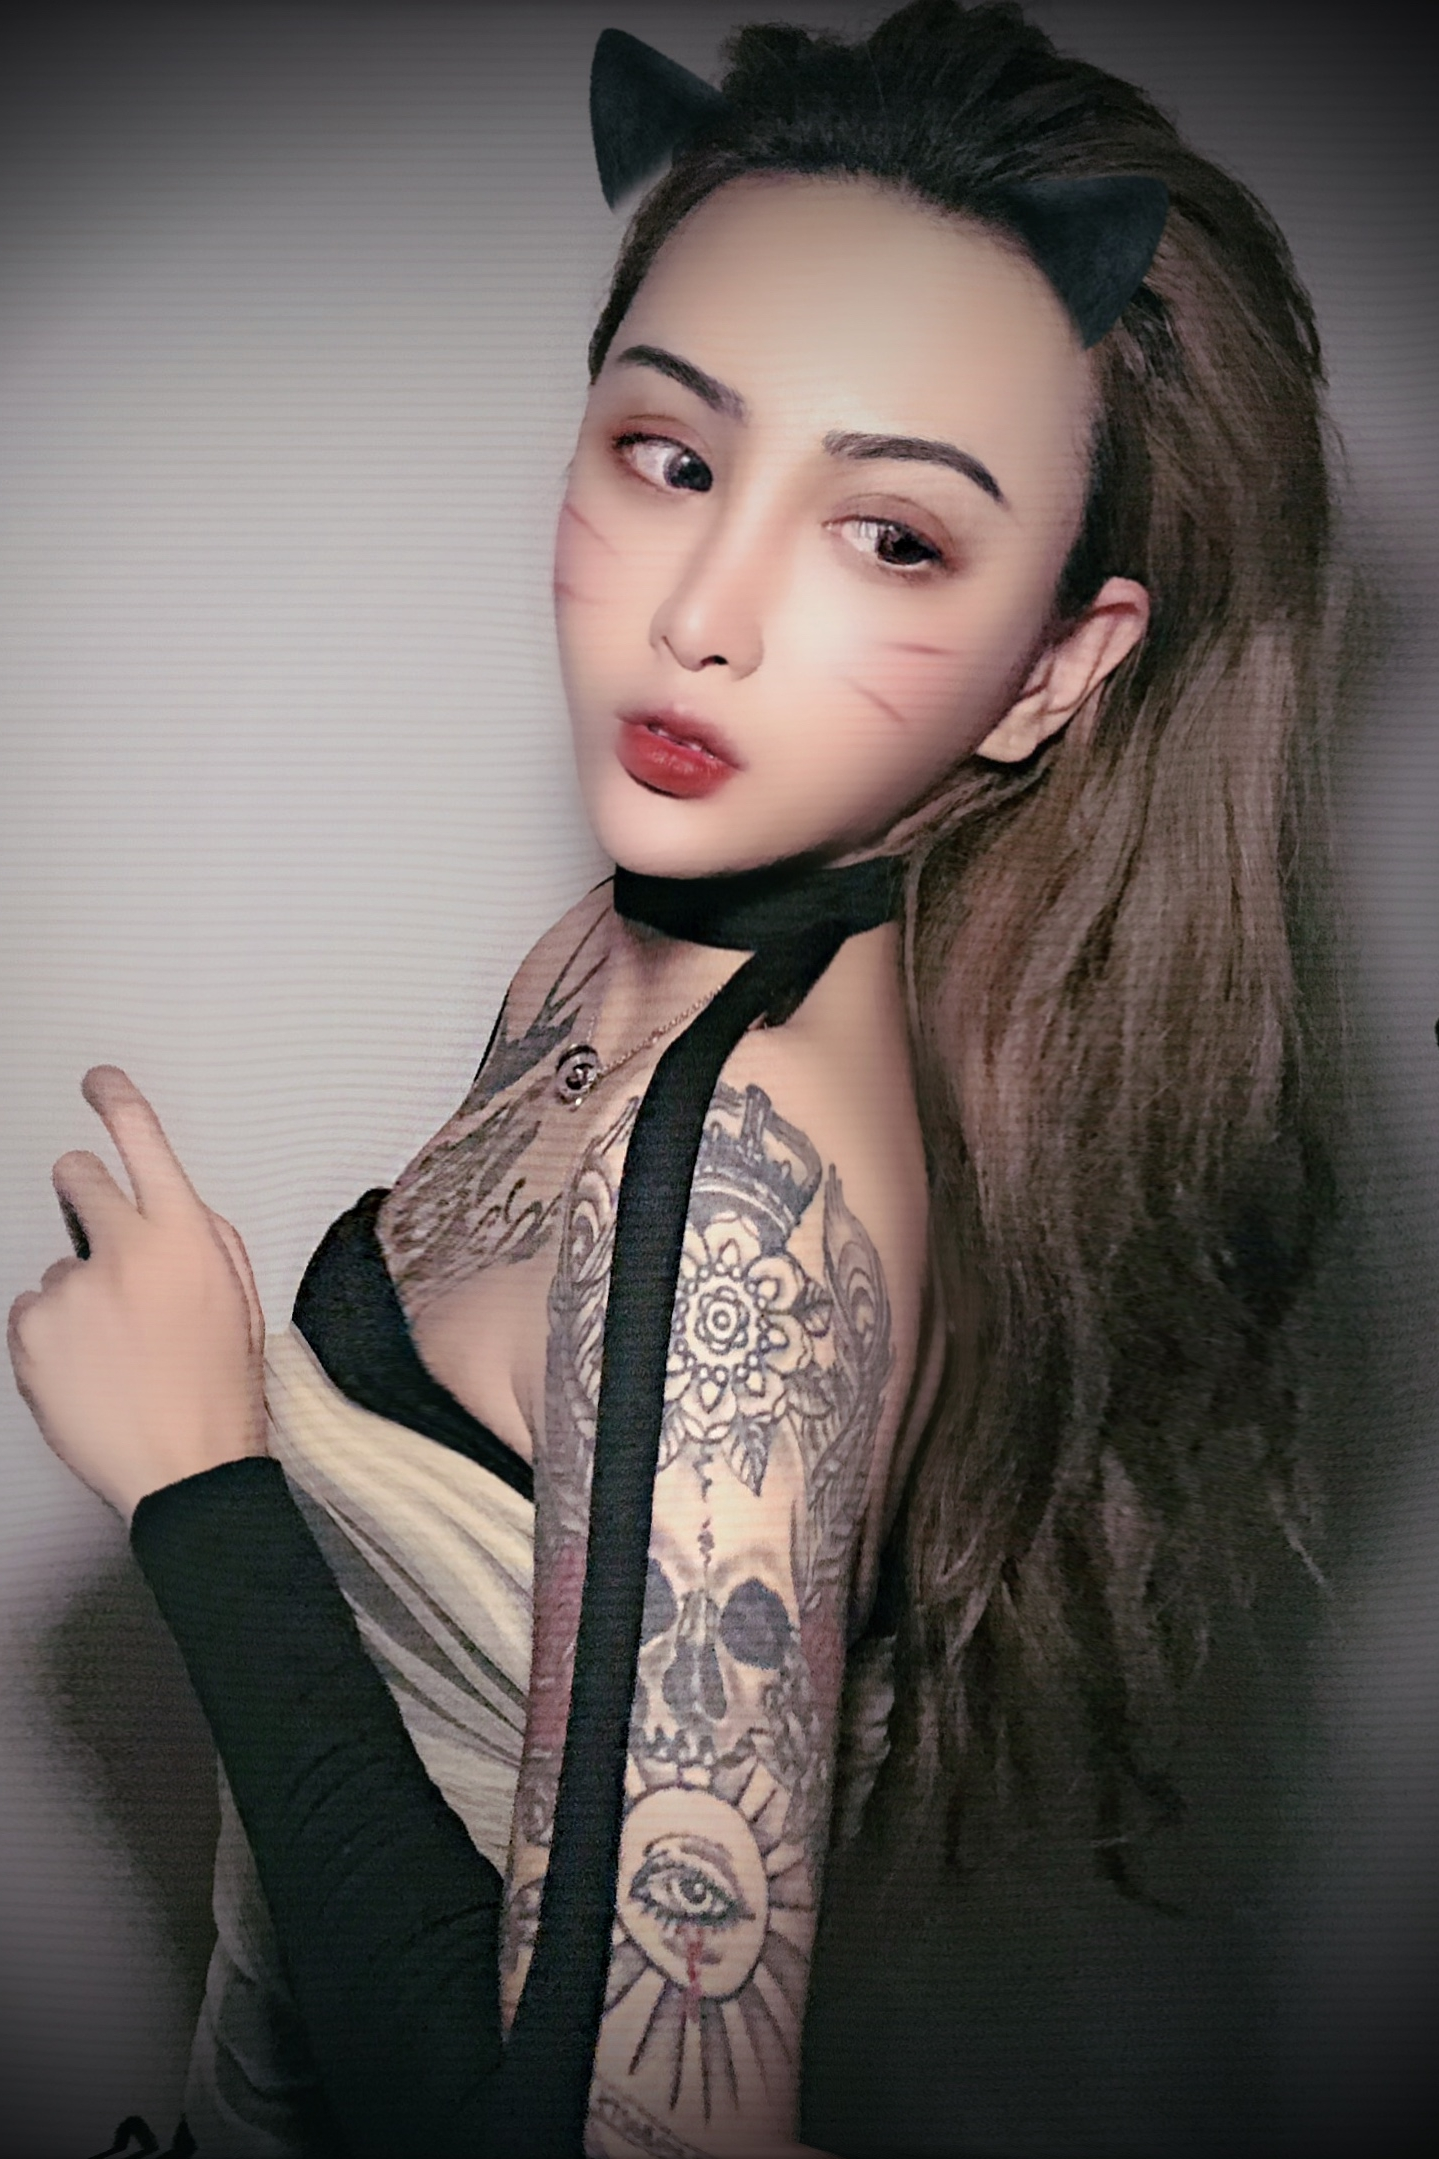 Li Tiemei